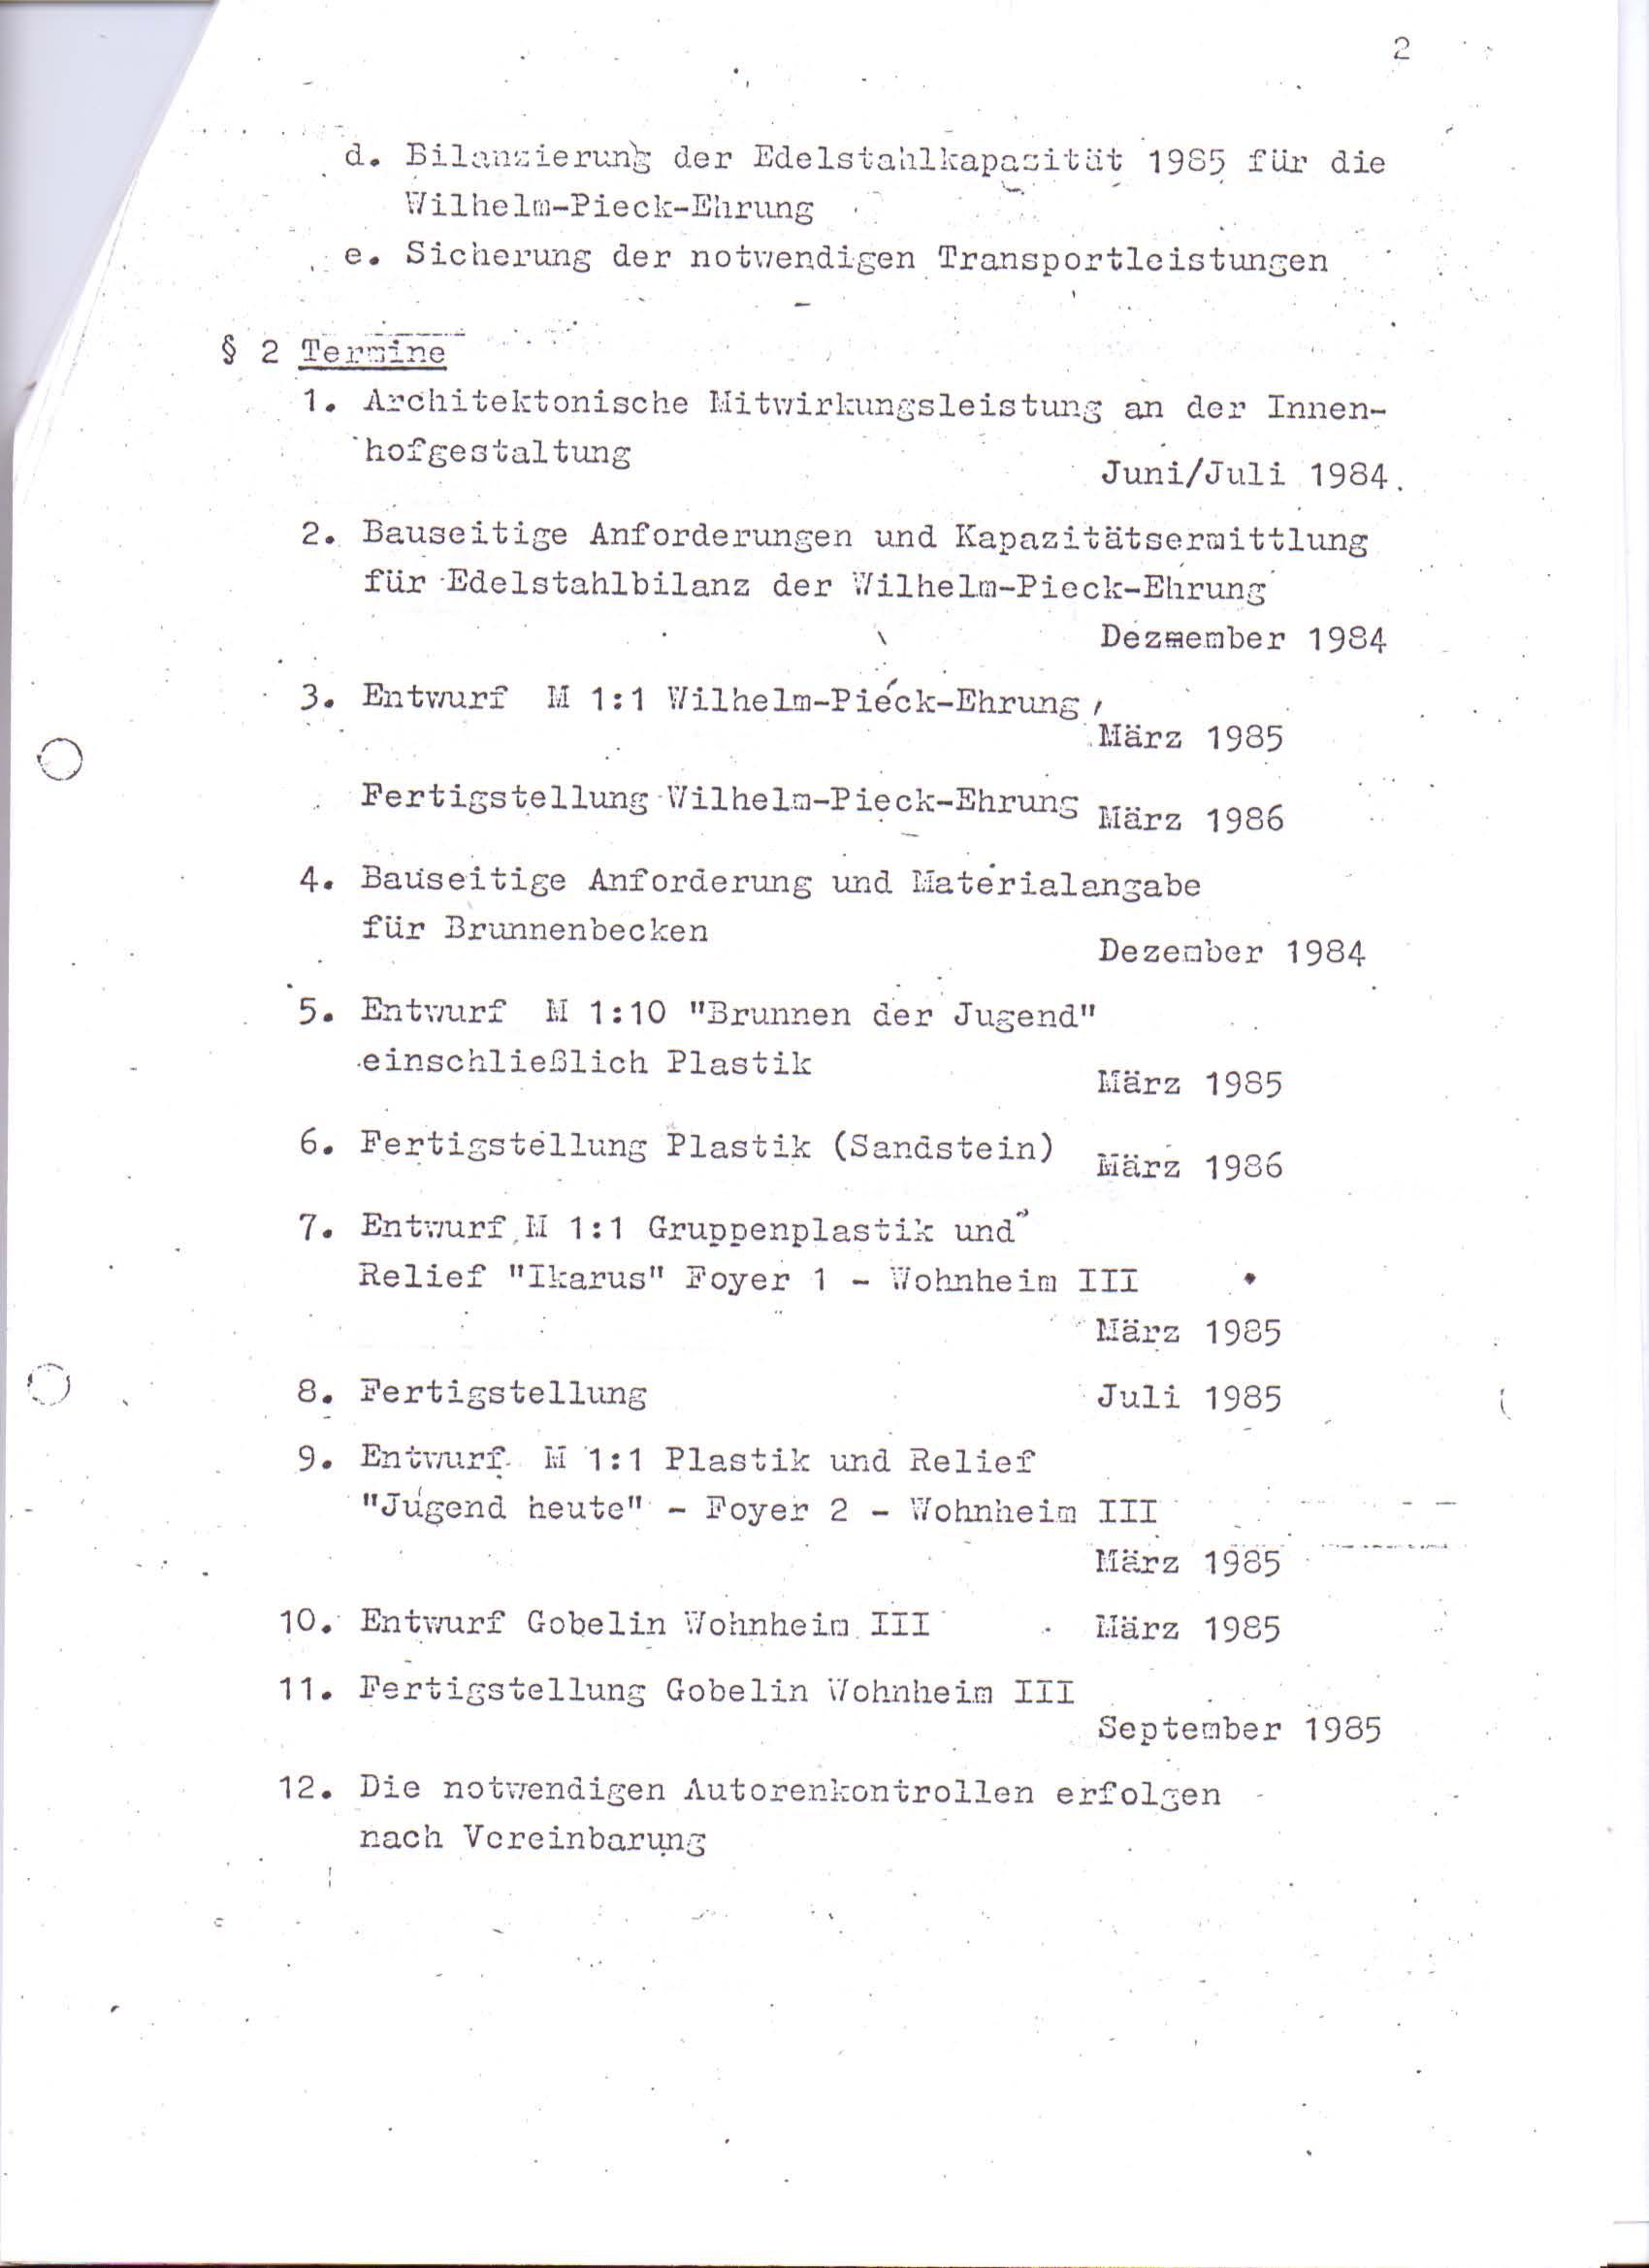 Großzügig Fotografie Vereinbarung Vertrag Zeitgenössisch ...